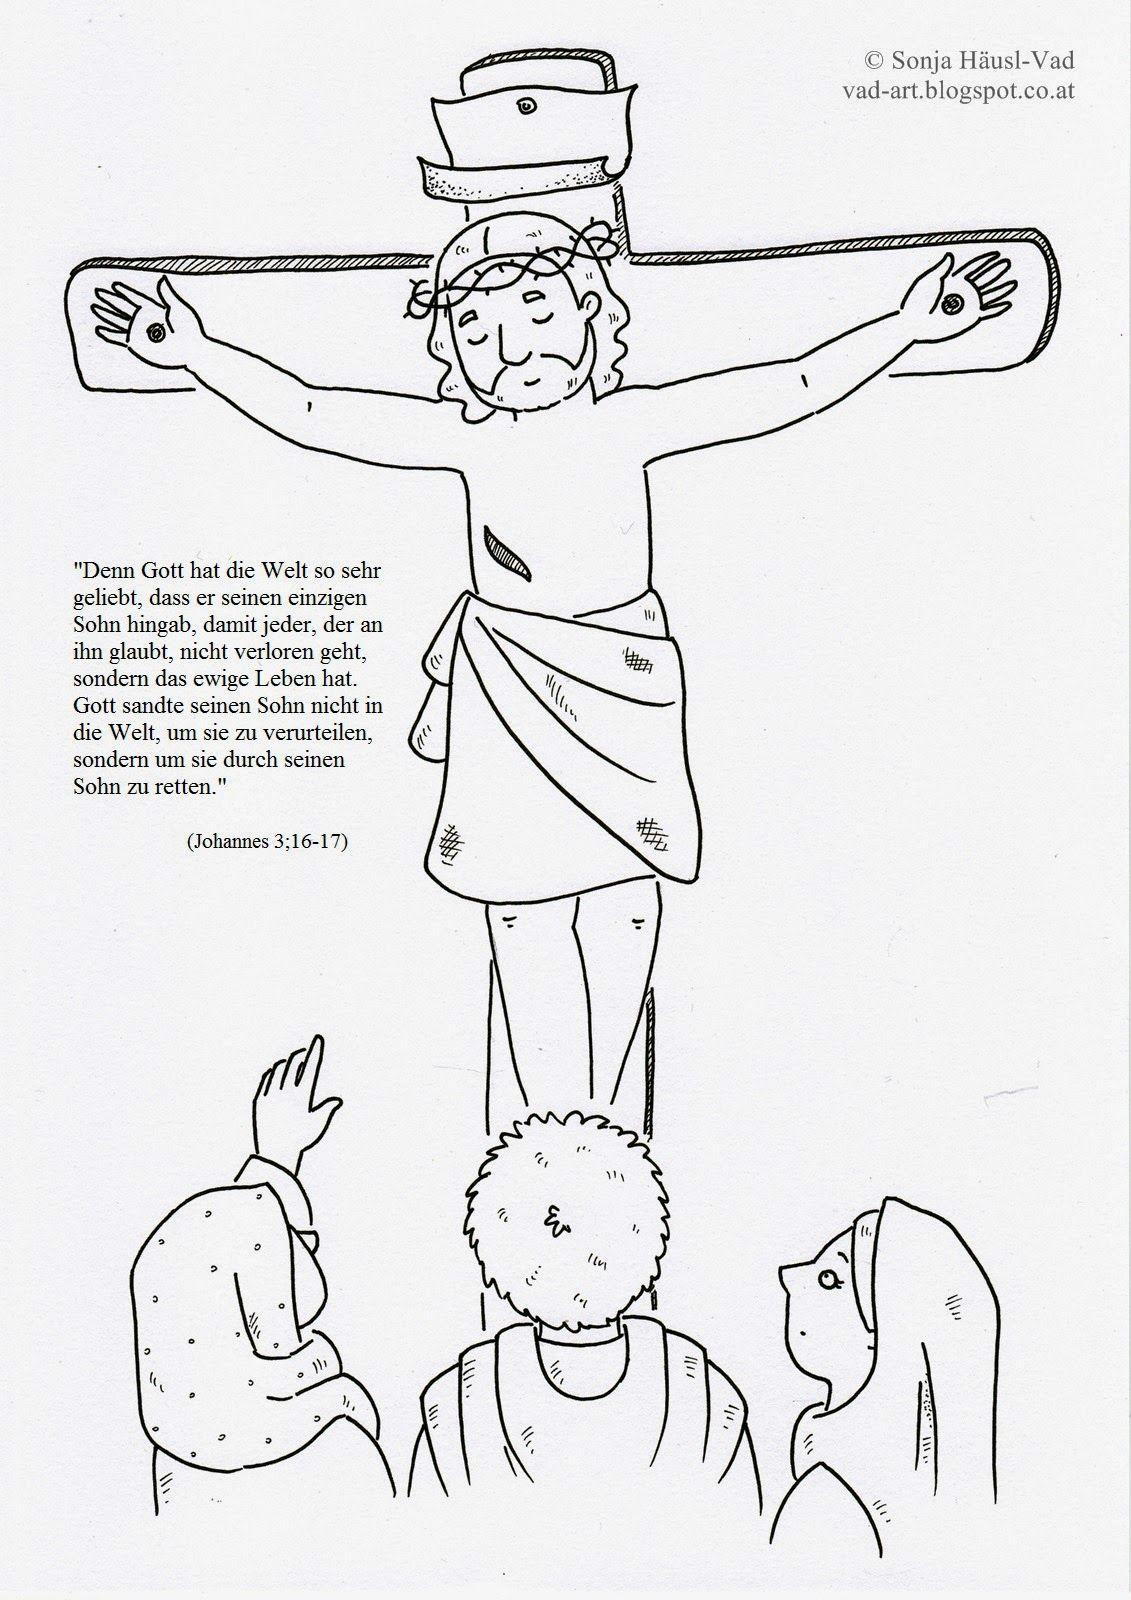 Gemütlich Tabernakel Bibel Malvorlagen Bilder - Malvorlagen Von ...